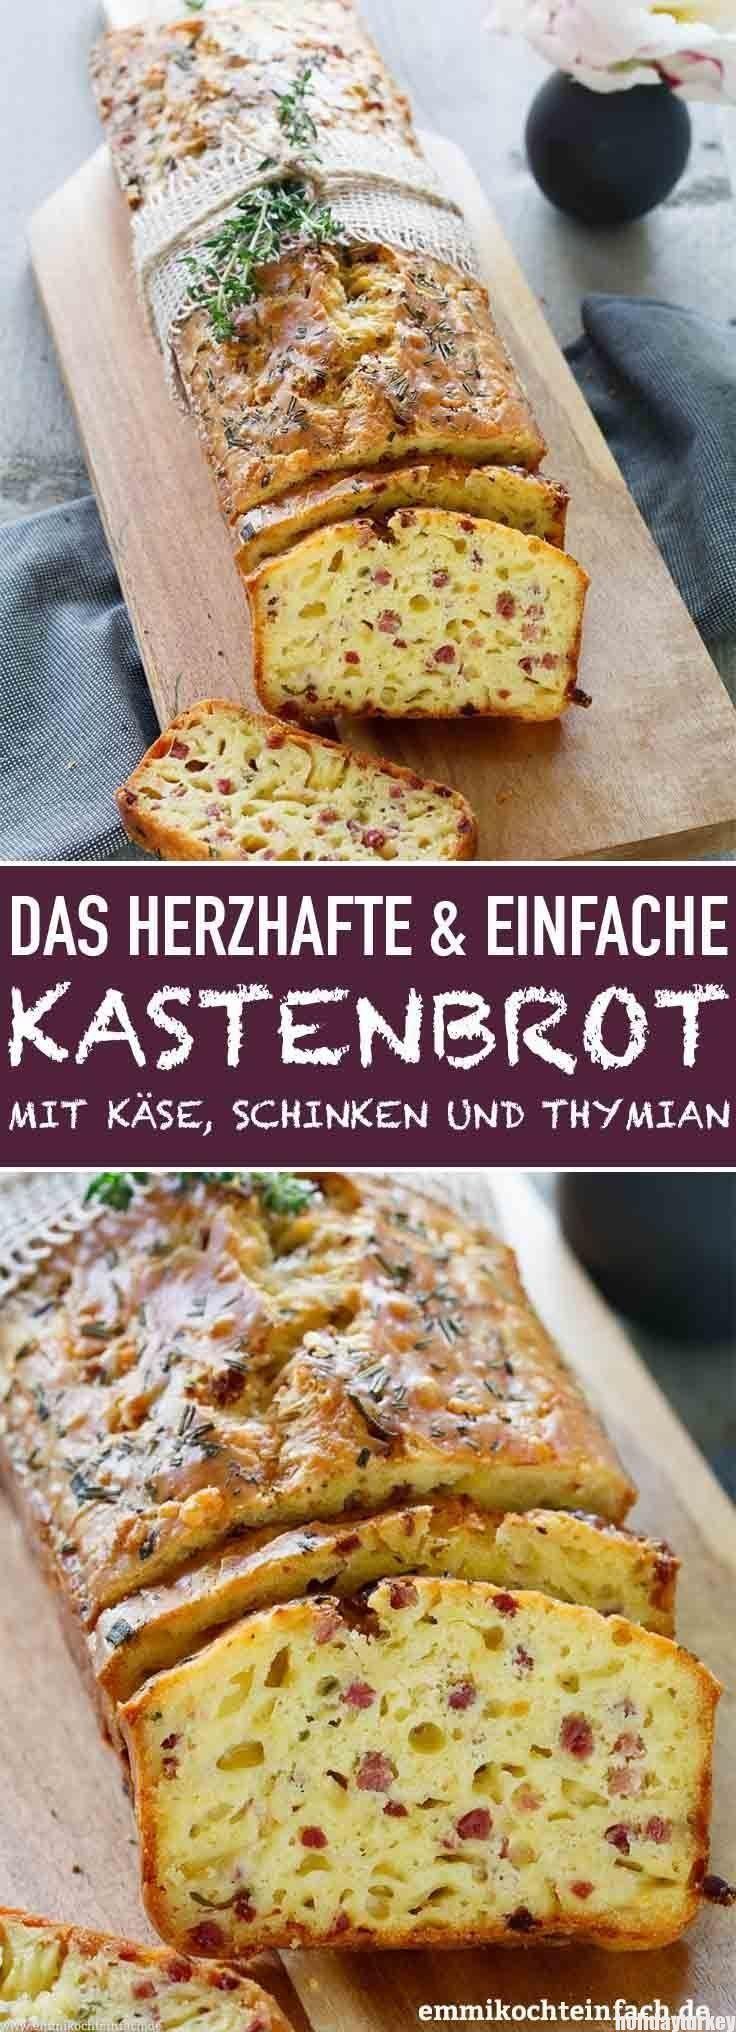 Herzhaftes Kastenbrot mit Käse, Schinken und Thymian | Mein liebstes kulinarisches Mitbri... -